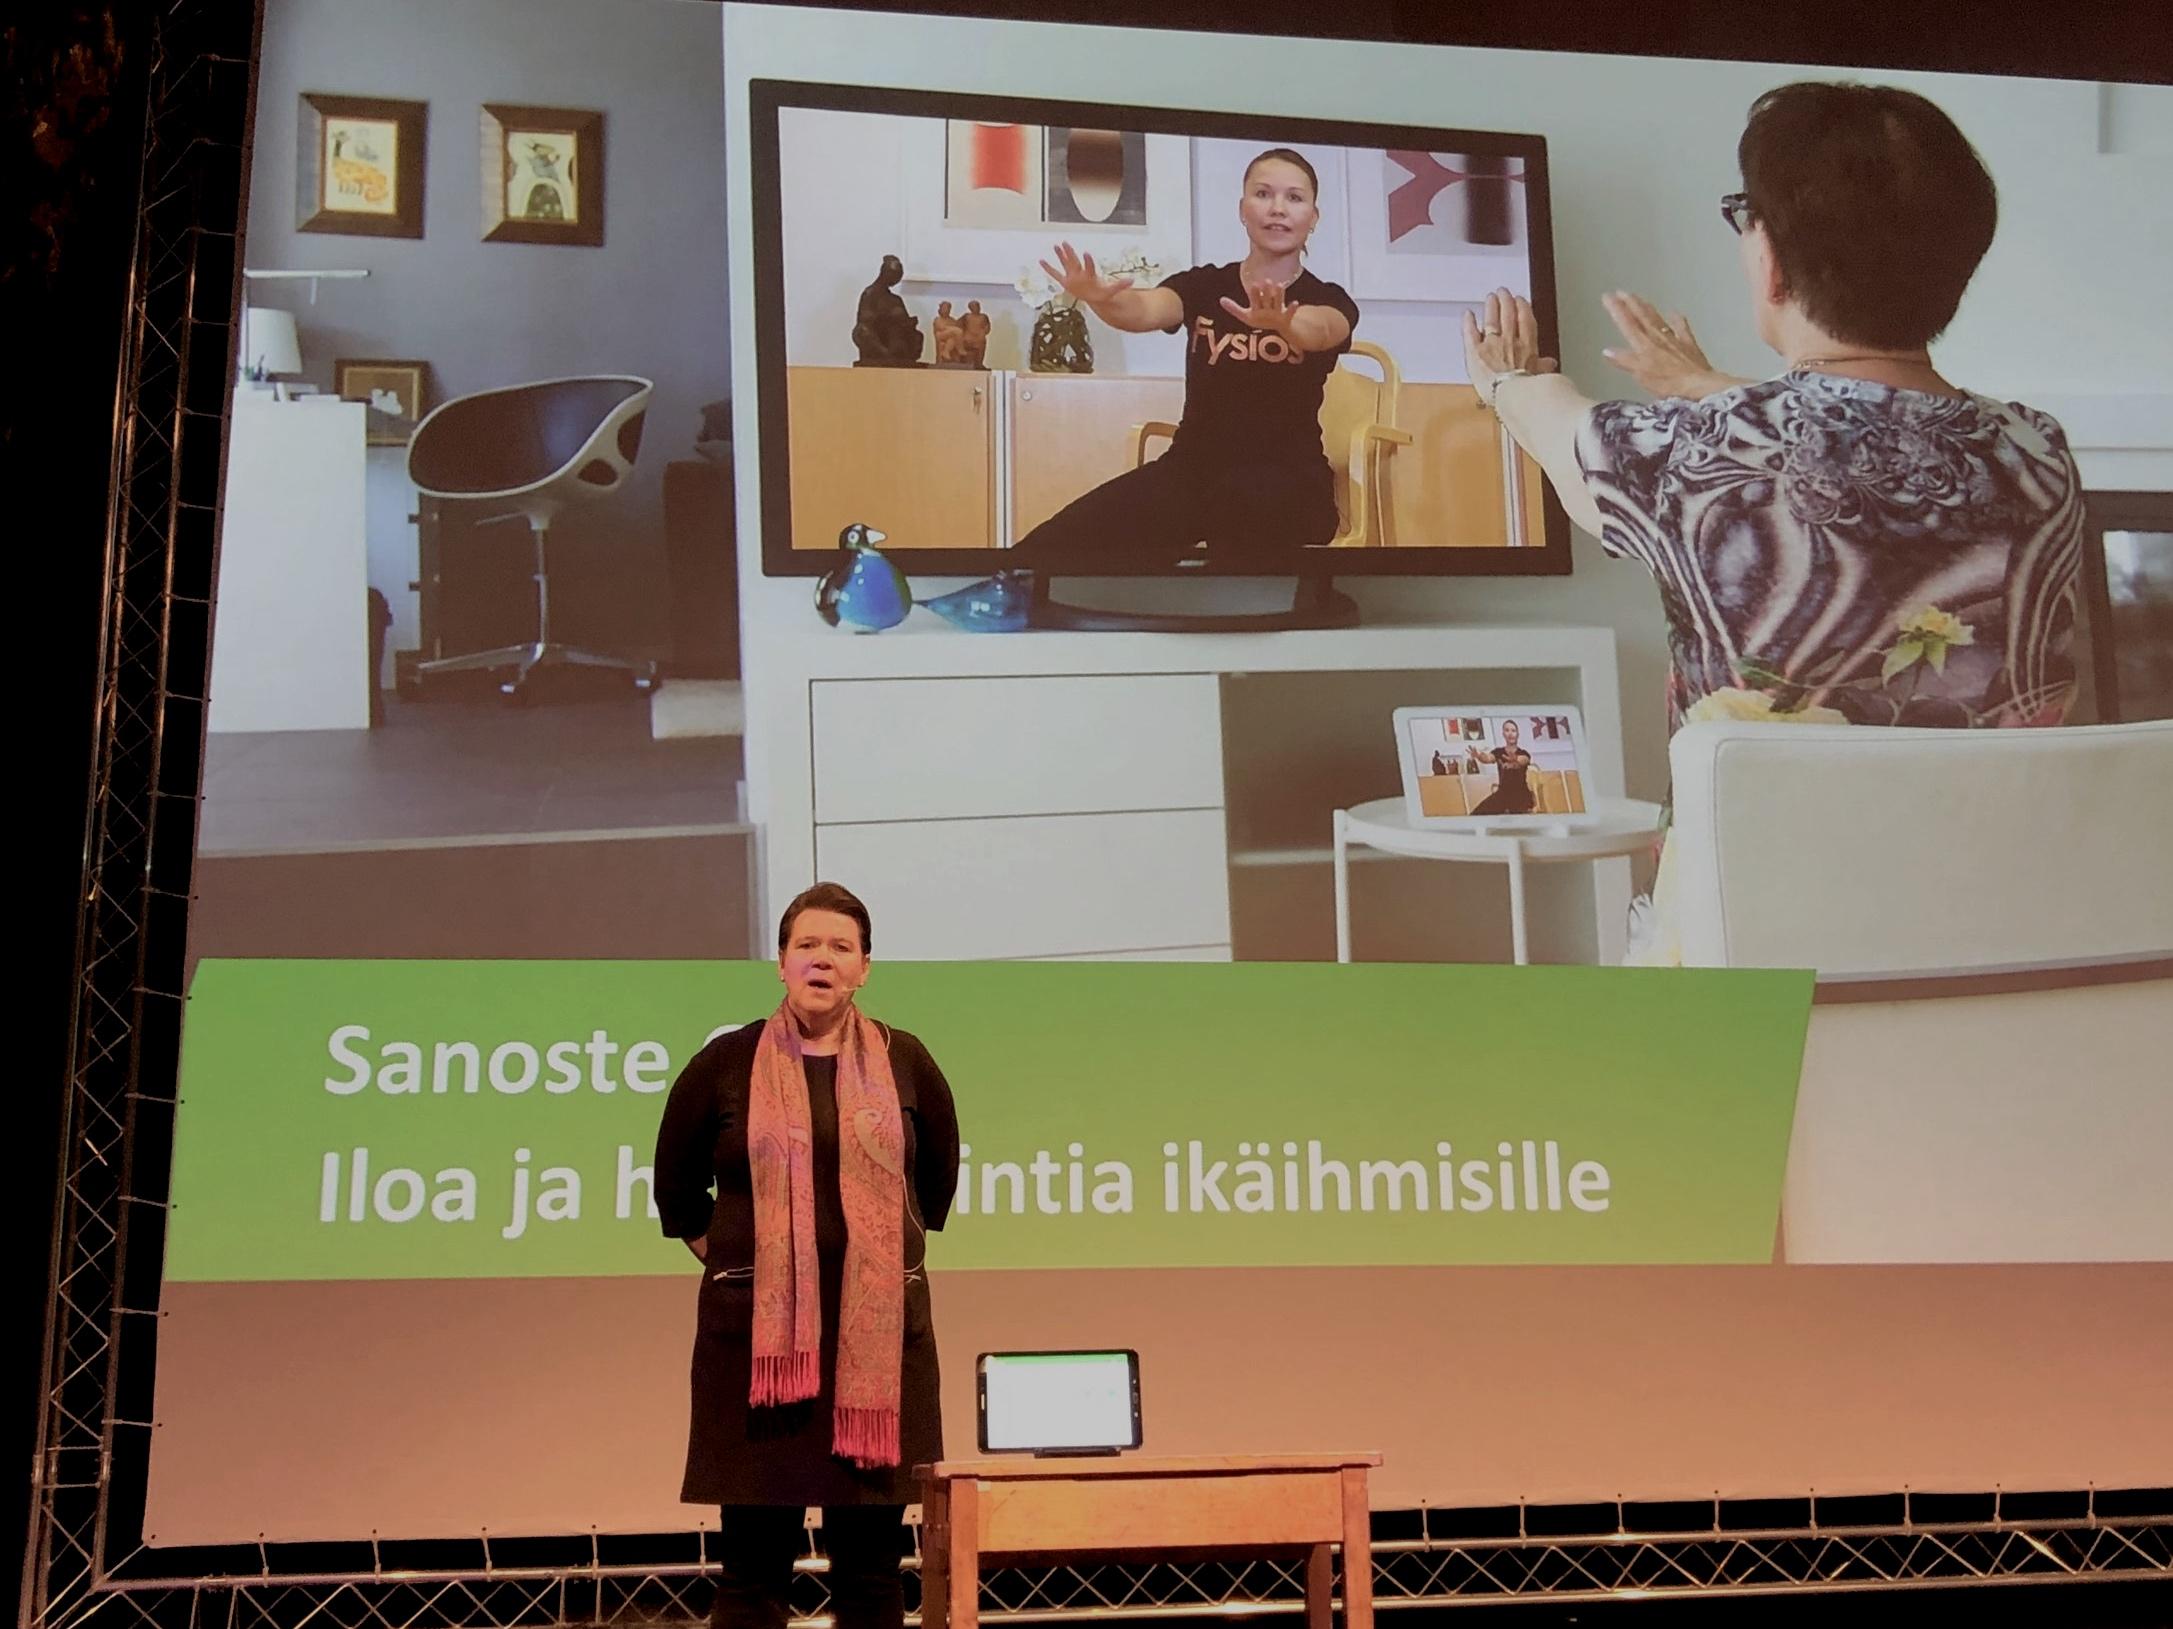 Hyvinvointiteknologian tuotteet esillä TERVE-SOS -tapahtumassa Oulussa. Vuorossa Sanoste ja Marianne Dannbom.